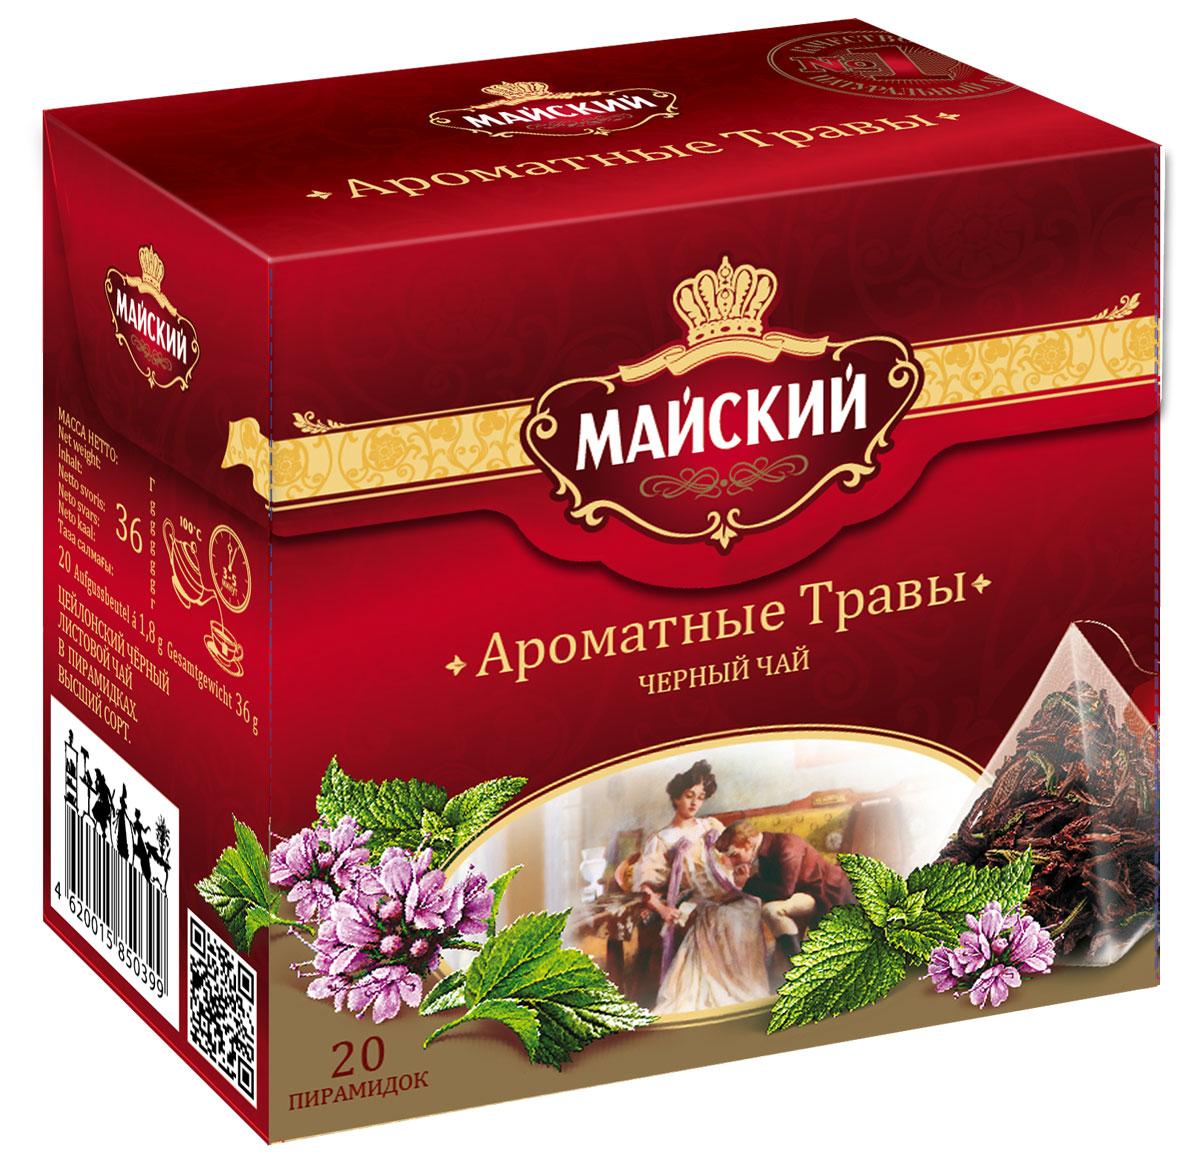 все цены на Майский Ароматные травы черный чай в пирамидках, 20 шт онлайн